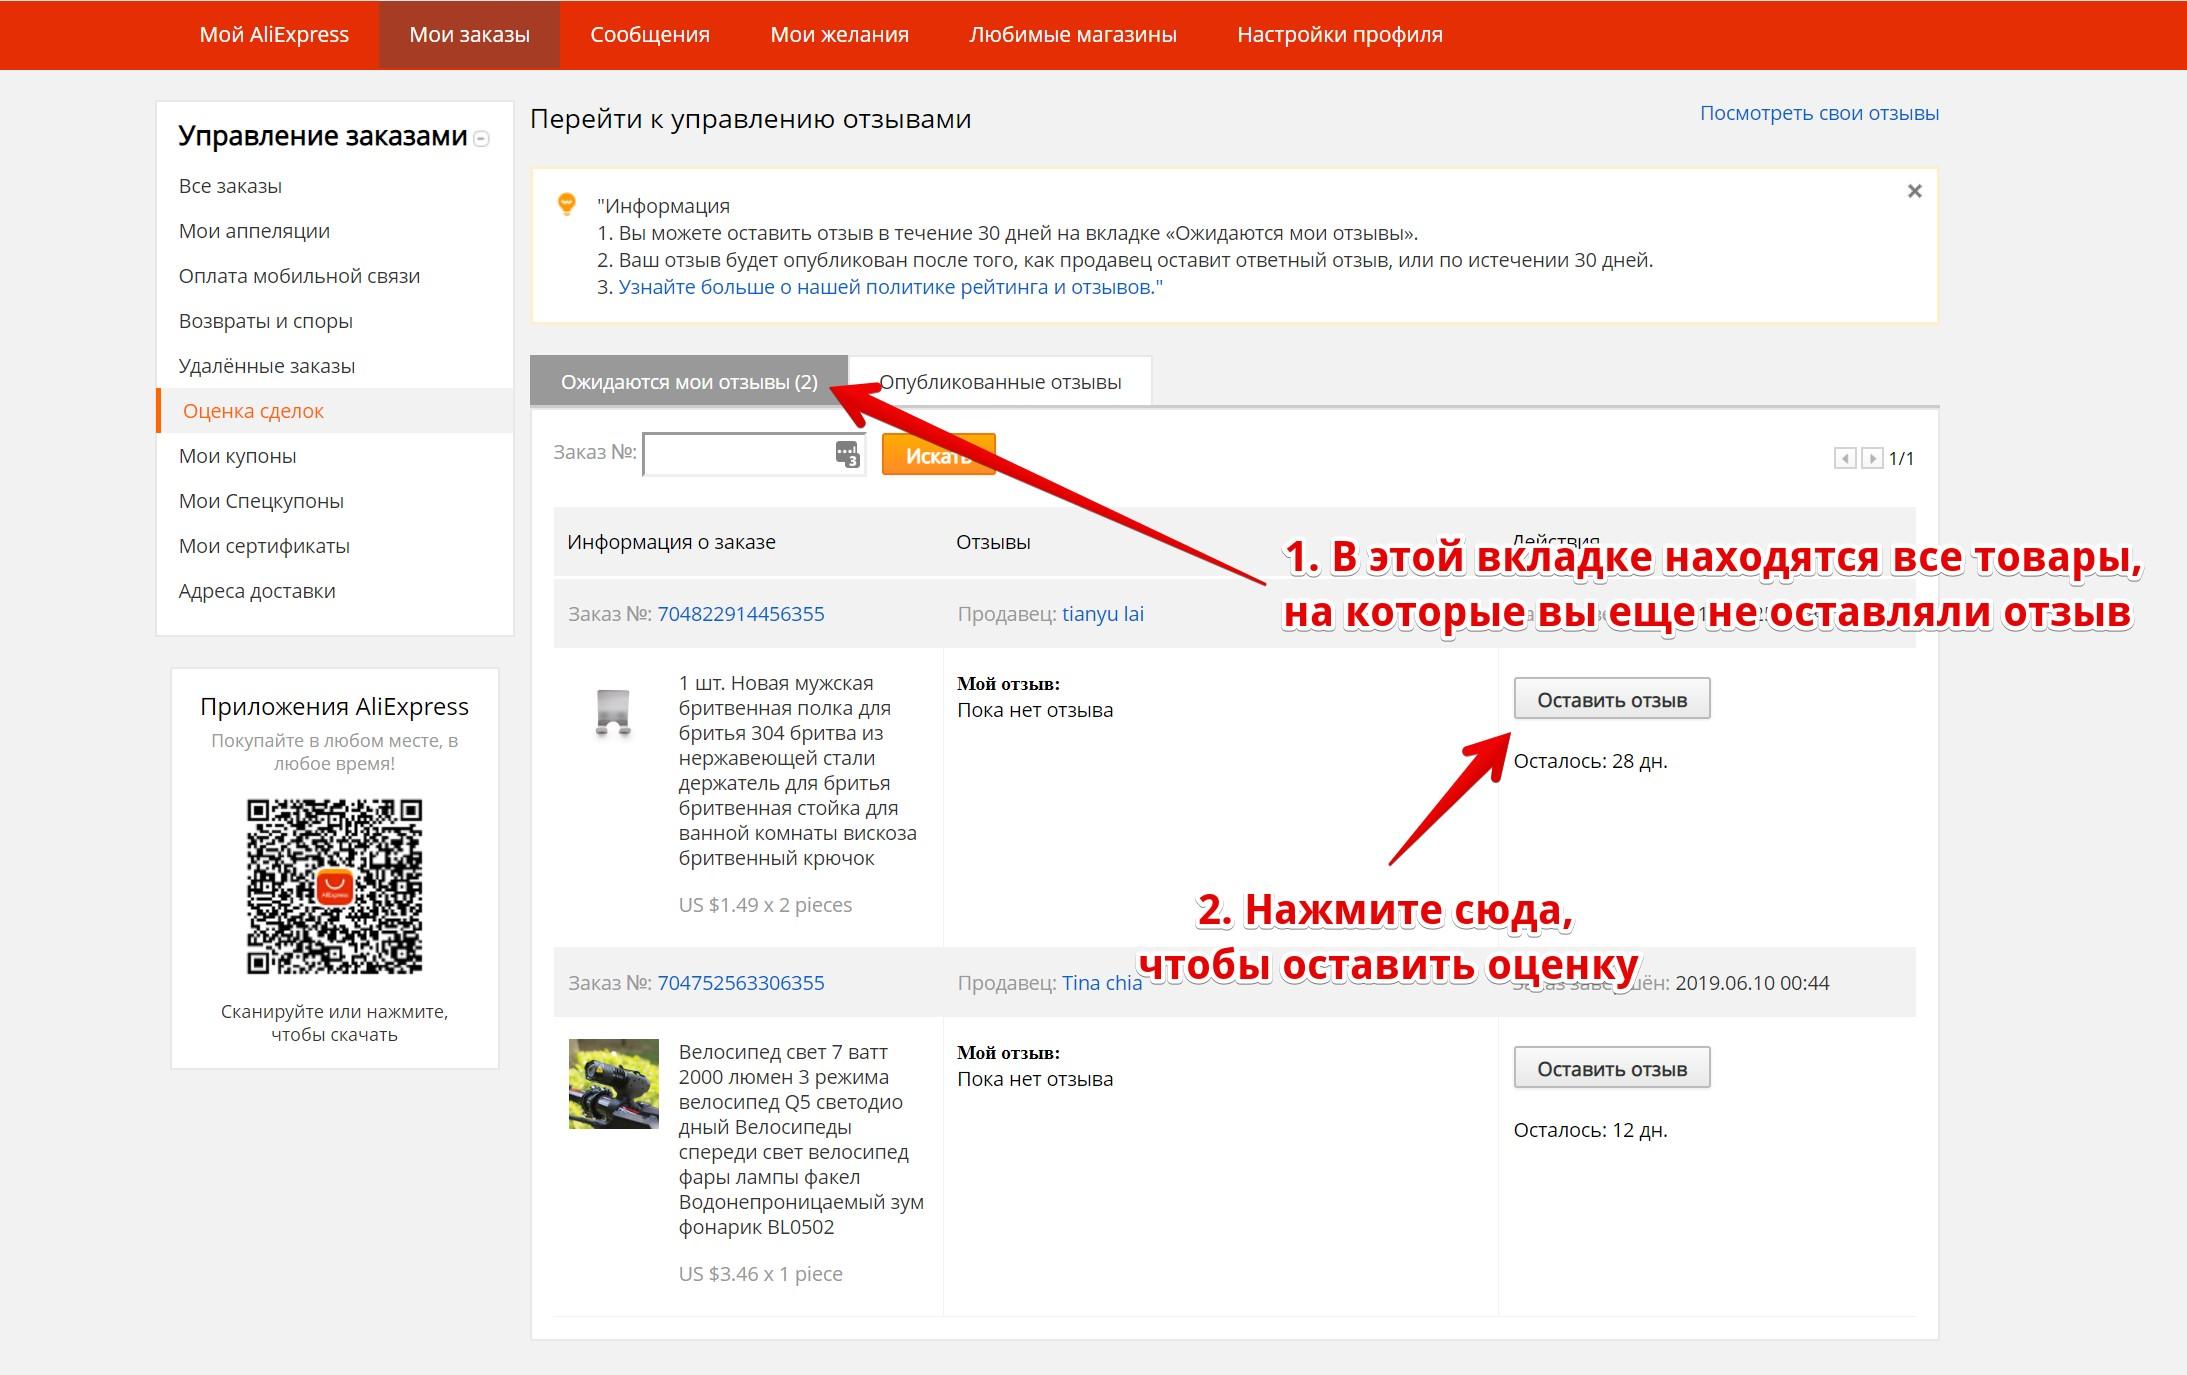 алиэкспресс на русском отзывы покупателей с фото театральный вуз